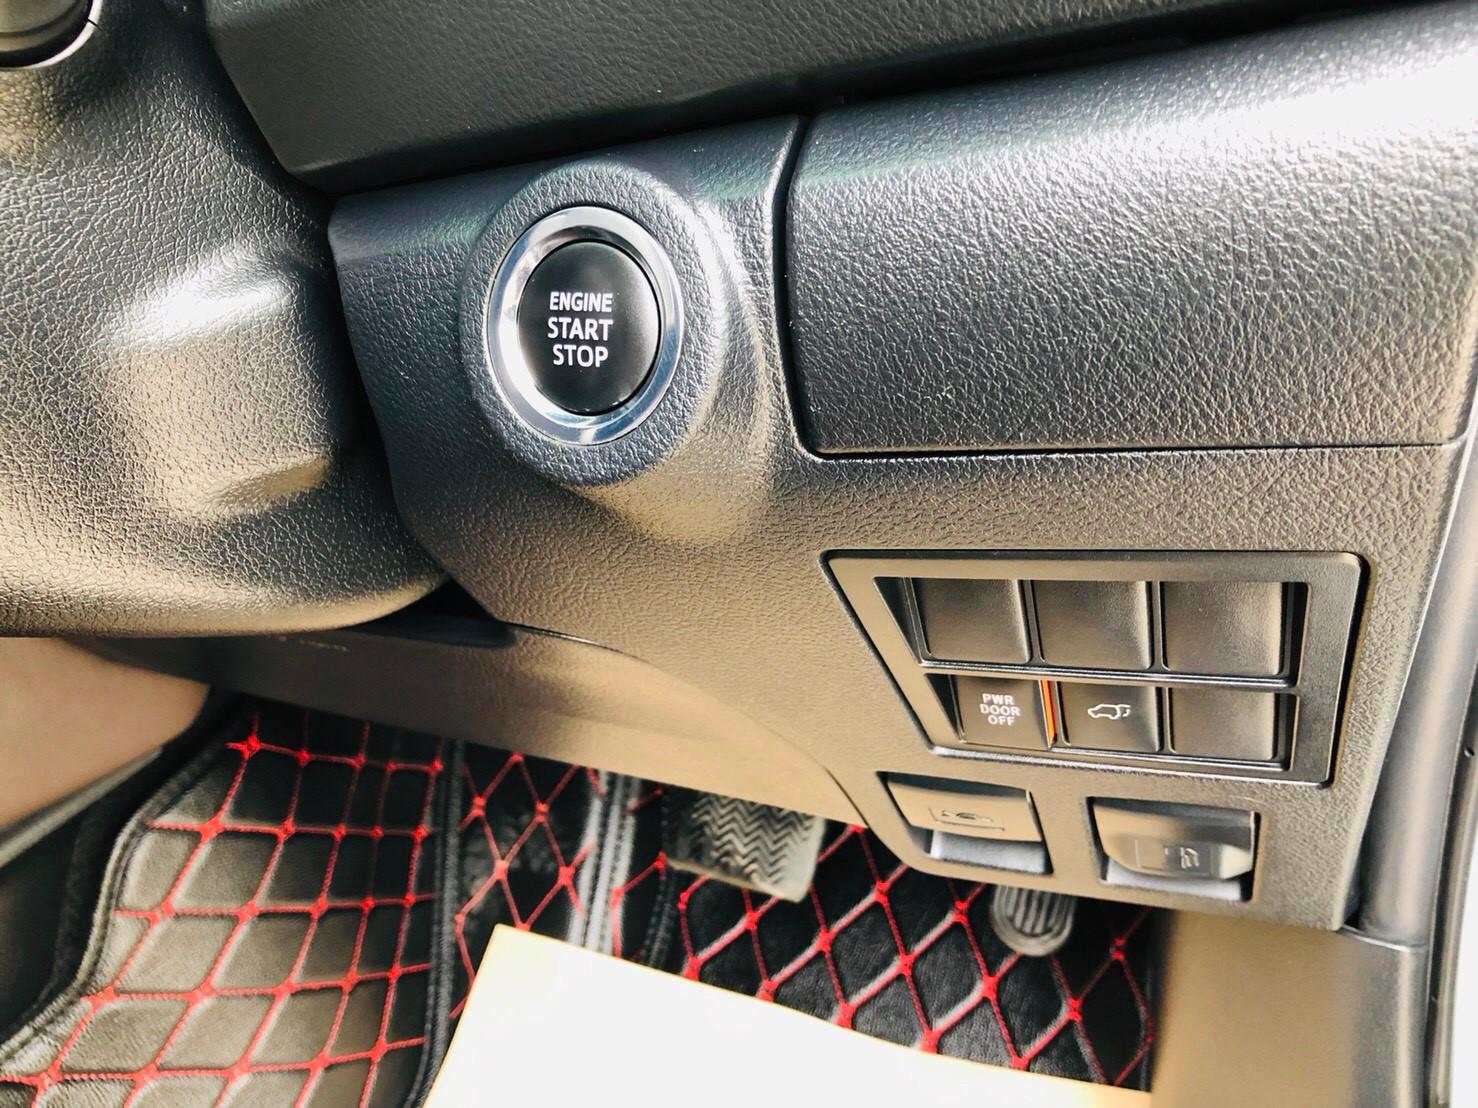 ภาพปุ่ม Start โตโยต้า ฟอร์จูนเนอร์ 2.4 V 2WD ปี 2017